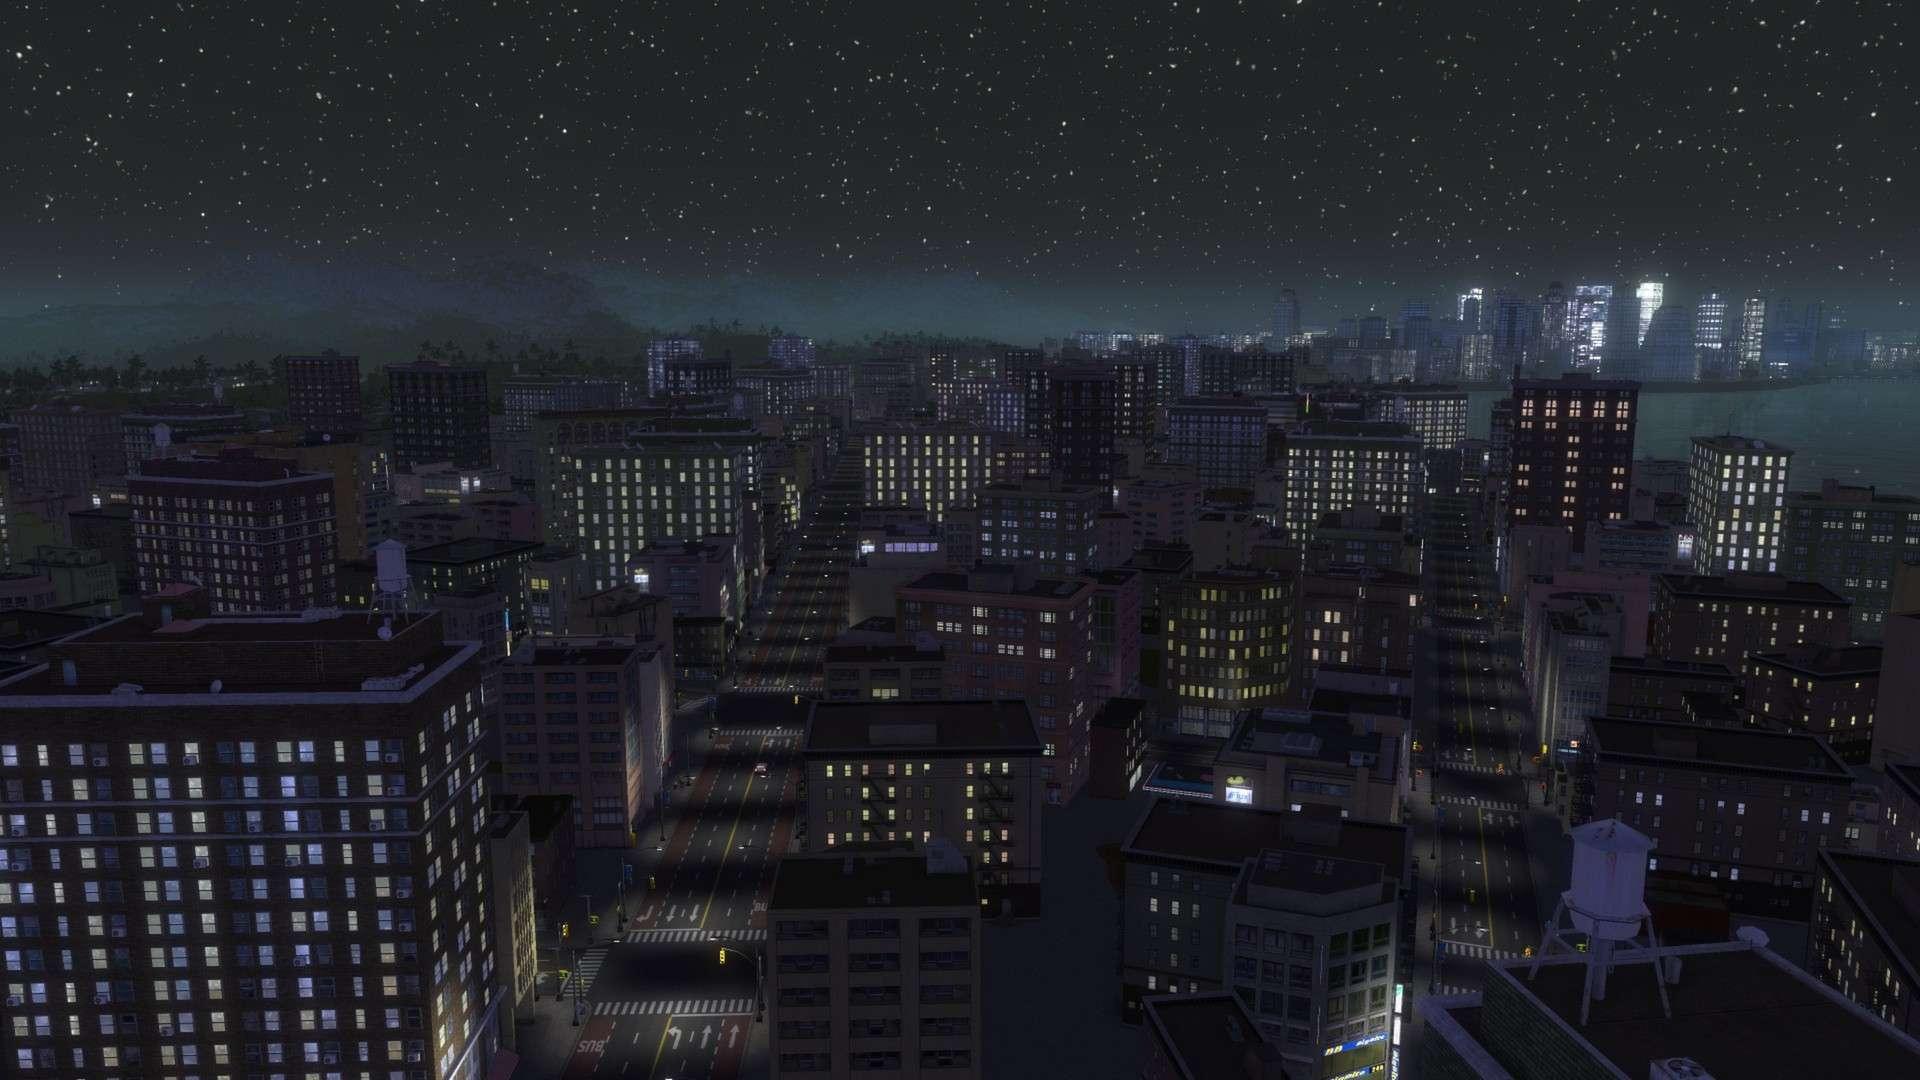 citiesinmotion202.jpg